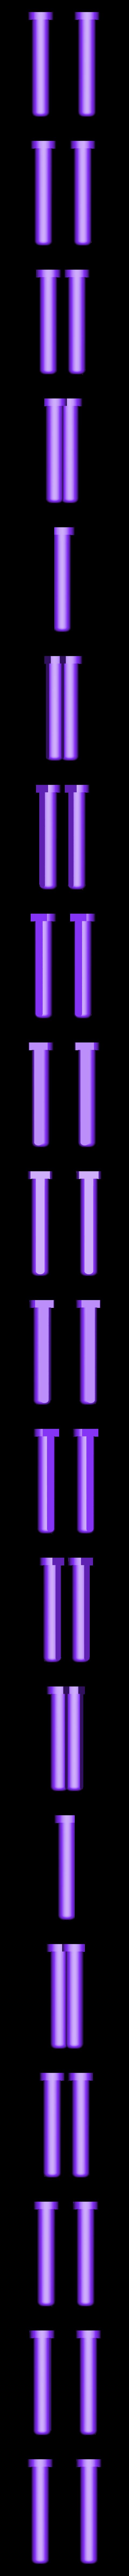 Hinge_Pin.stl Télécharger fichier STL gratuit Matériel de montage de boîtier pour réplicateur 2 • Objet pour impression 3D, Gaenarra